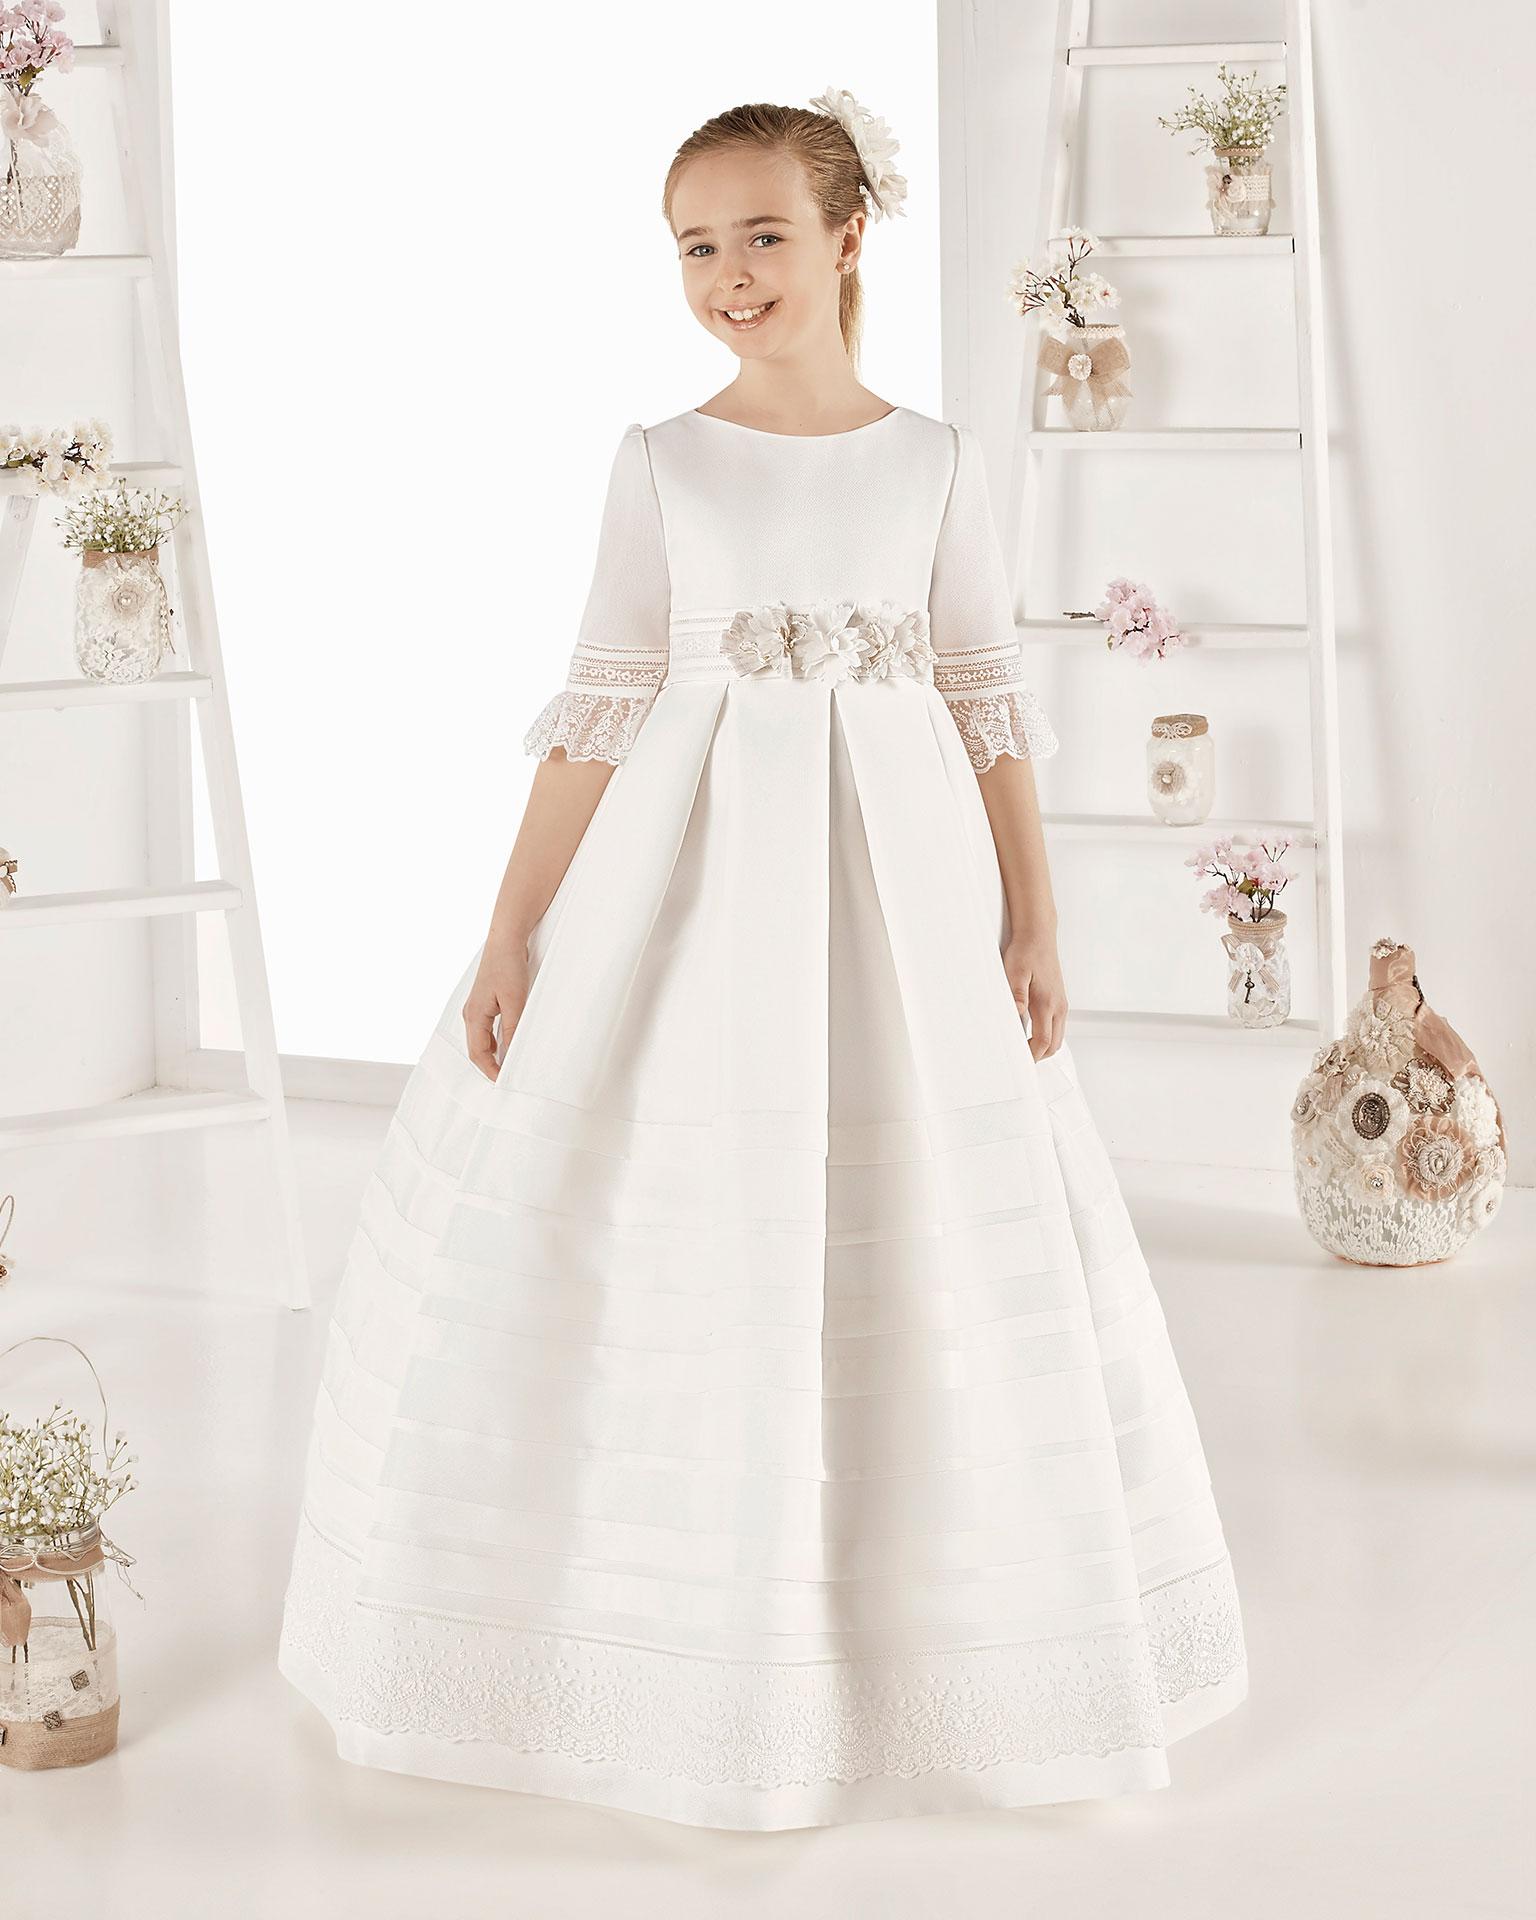 Vestido de primeira comunhão estilo clássico com pregas de tecido tipo basketweave. De corte império. Disponível em cor marfim. Coleção AIRE COMUNION 2019.